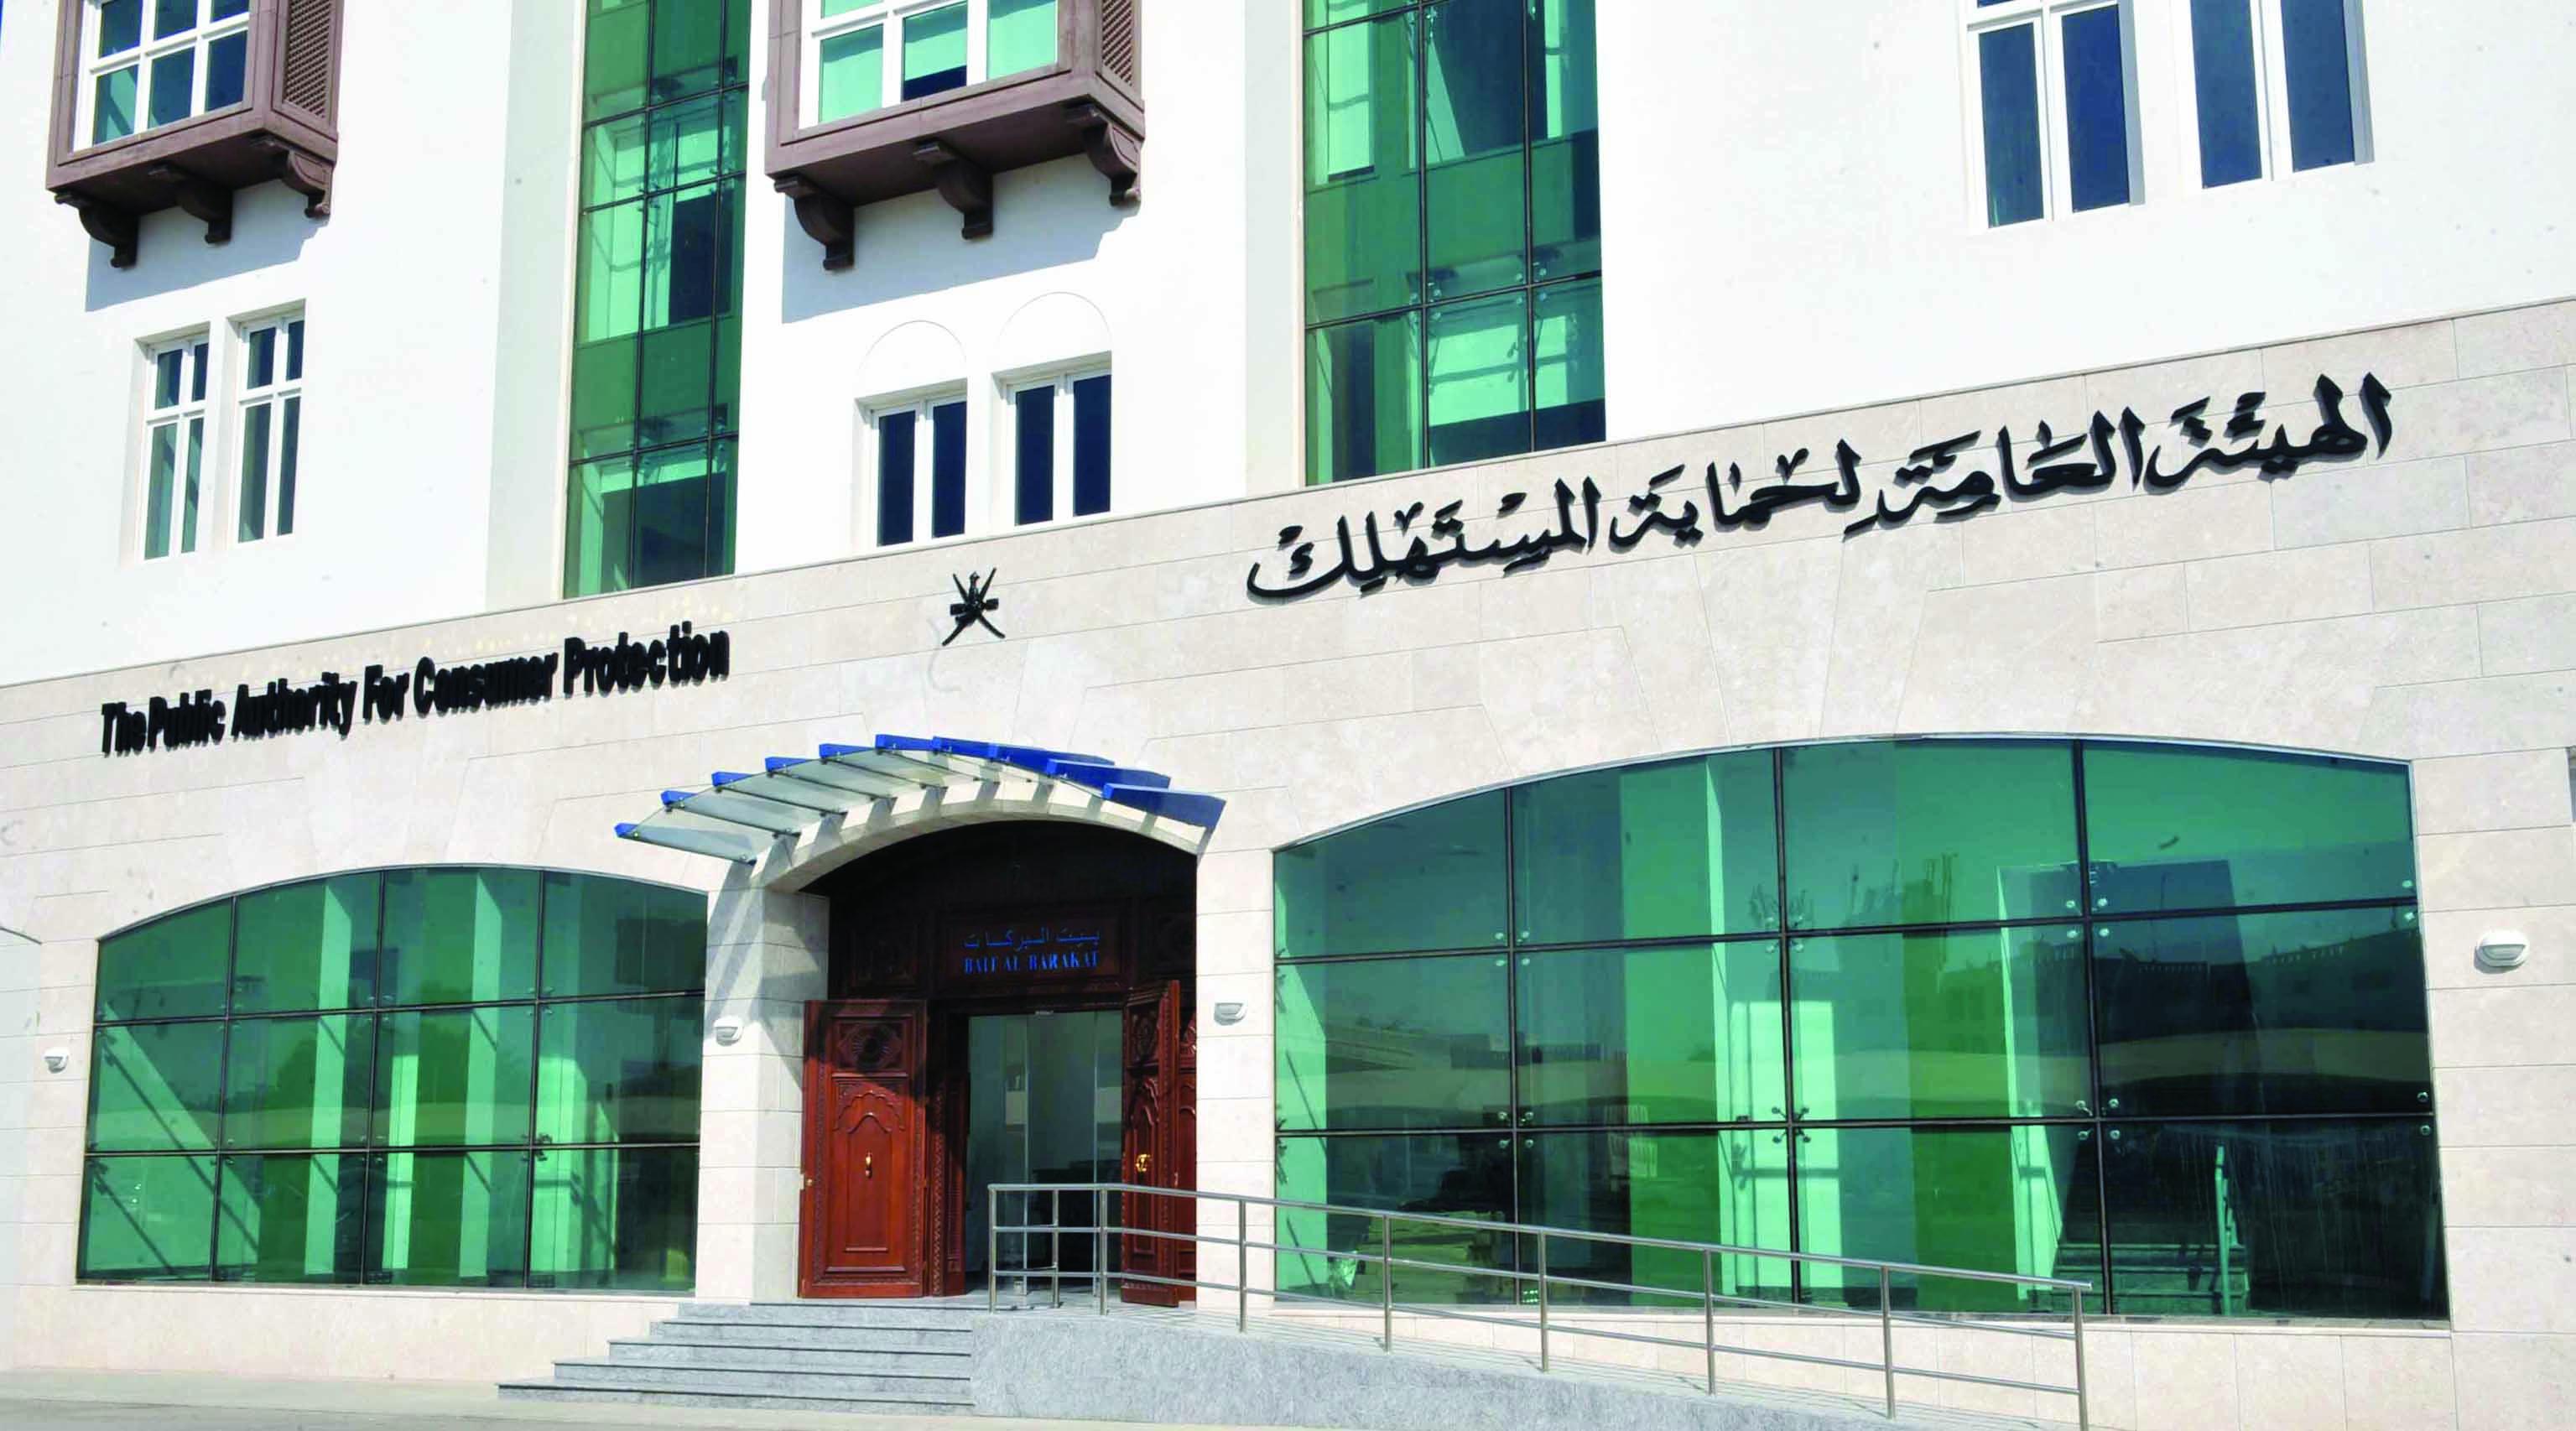 5 آلاف ريال عماني تُسترجع لمستهلكين في مسقط